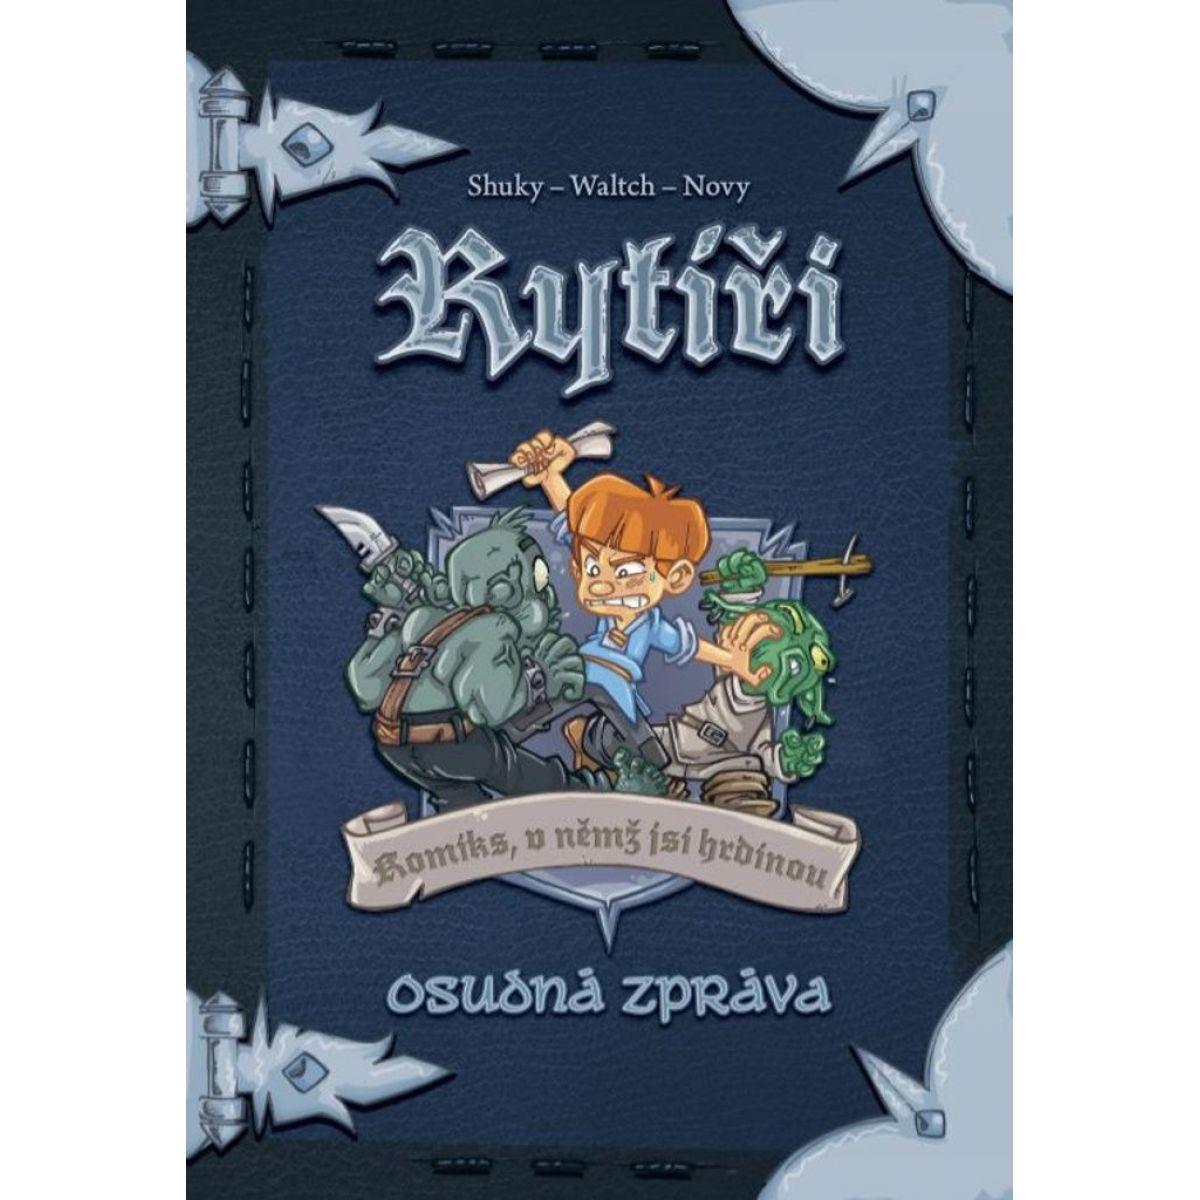 REXhry Komiks, v ktorom si hrdinom Rytieri 2 Osudná správa